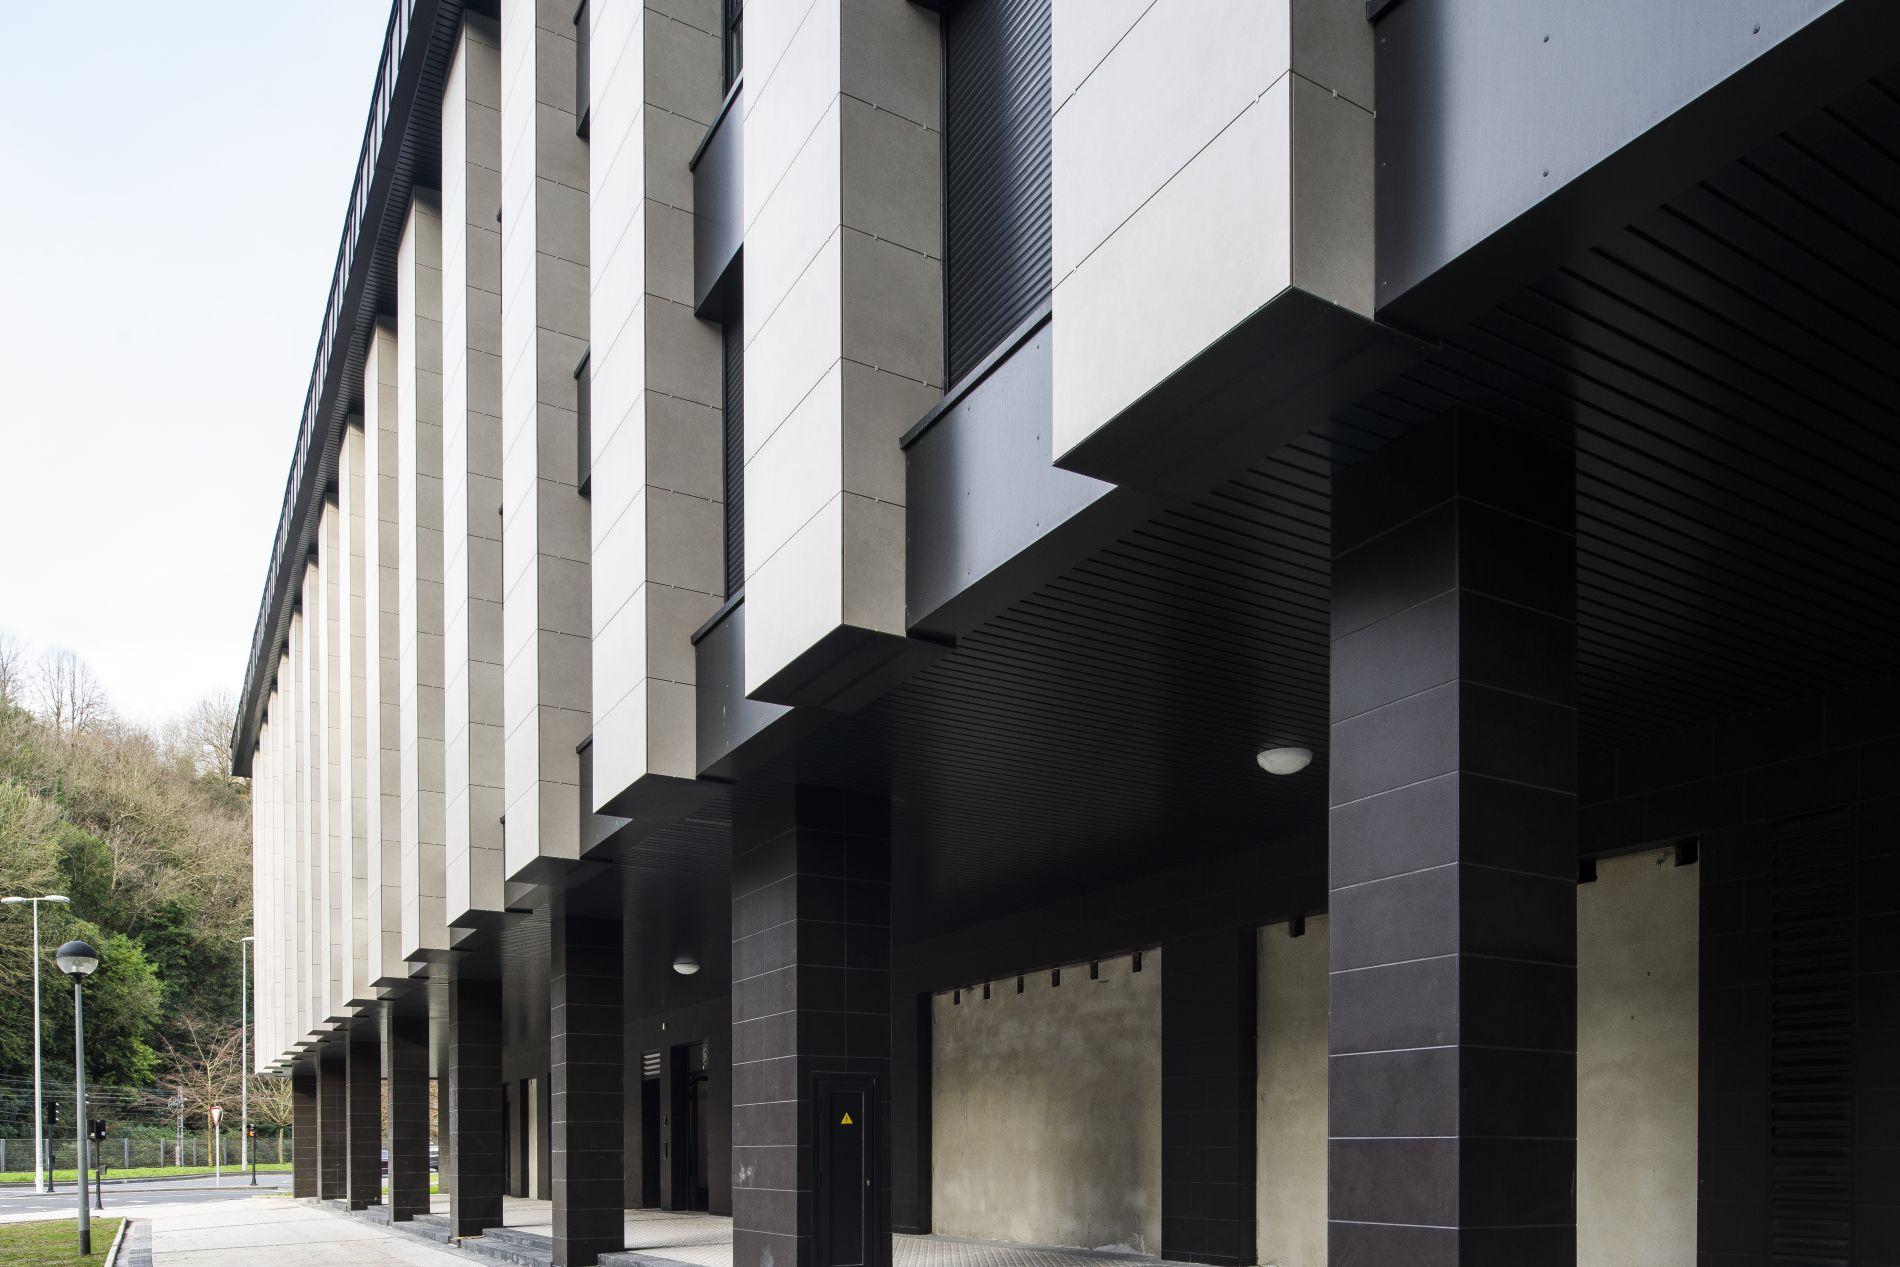 Fiark - 80 viviendas calle podavines 7